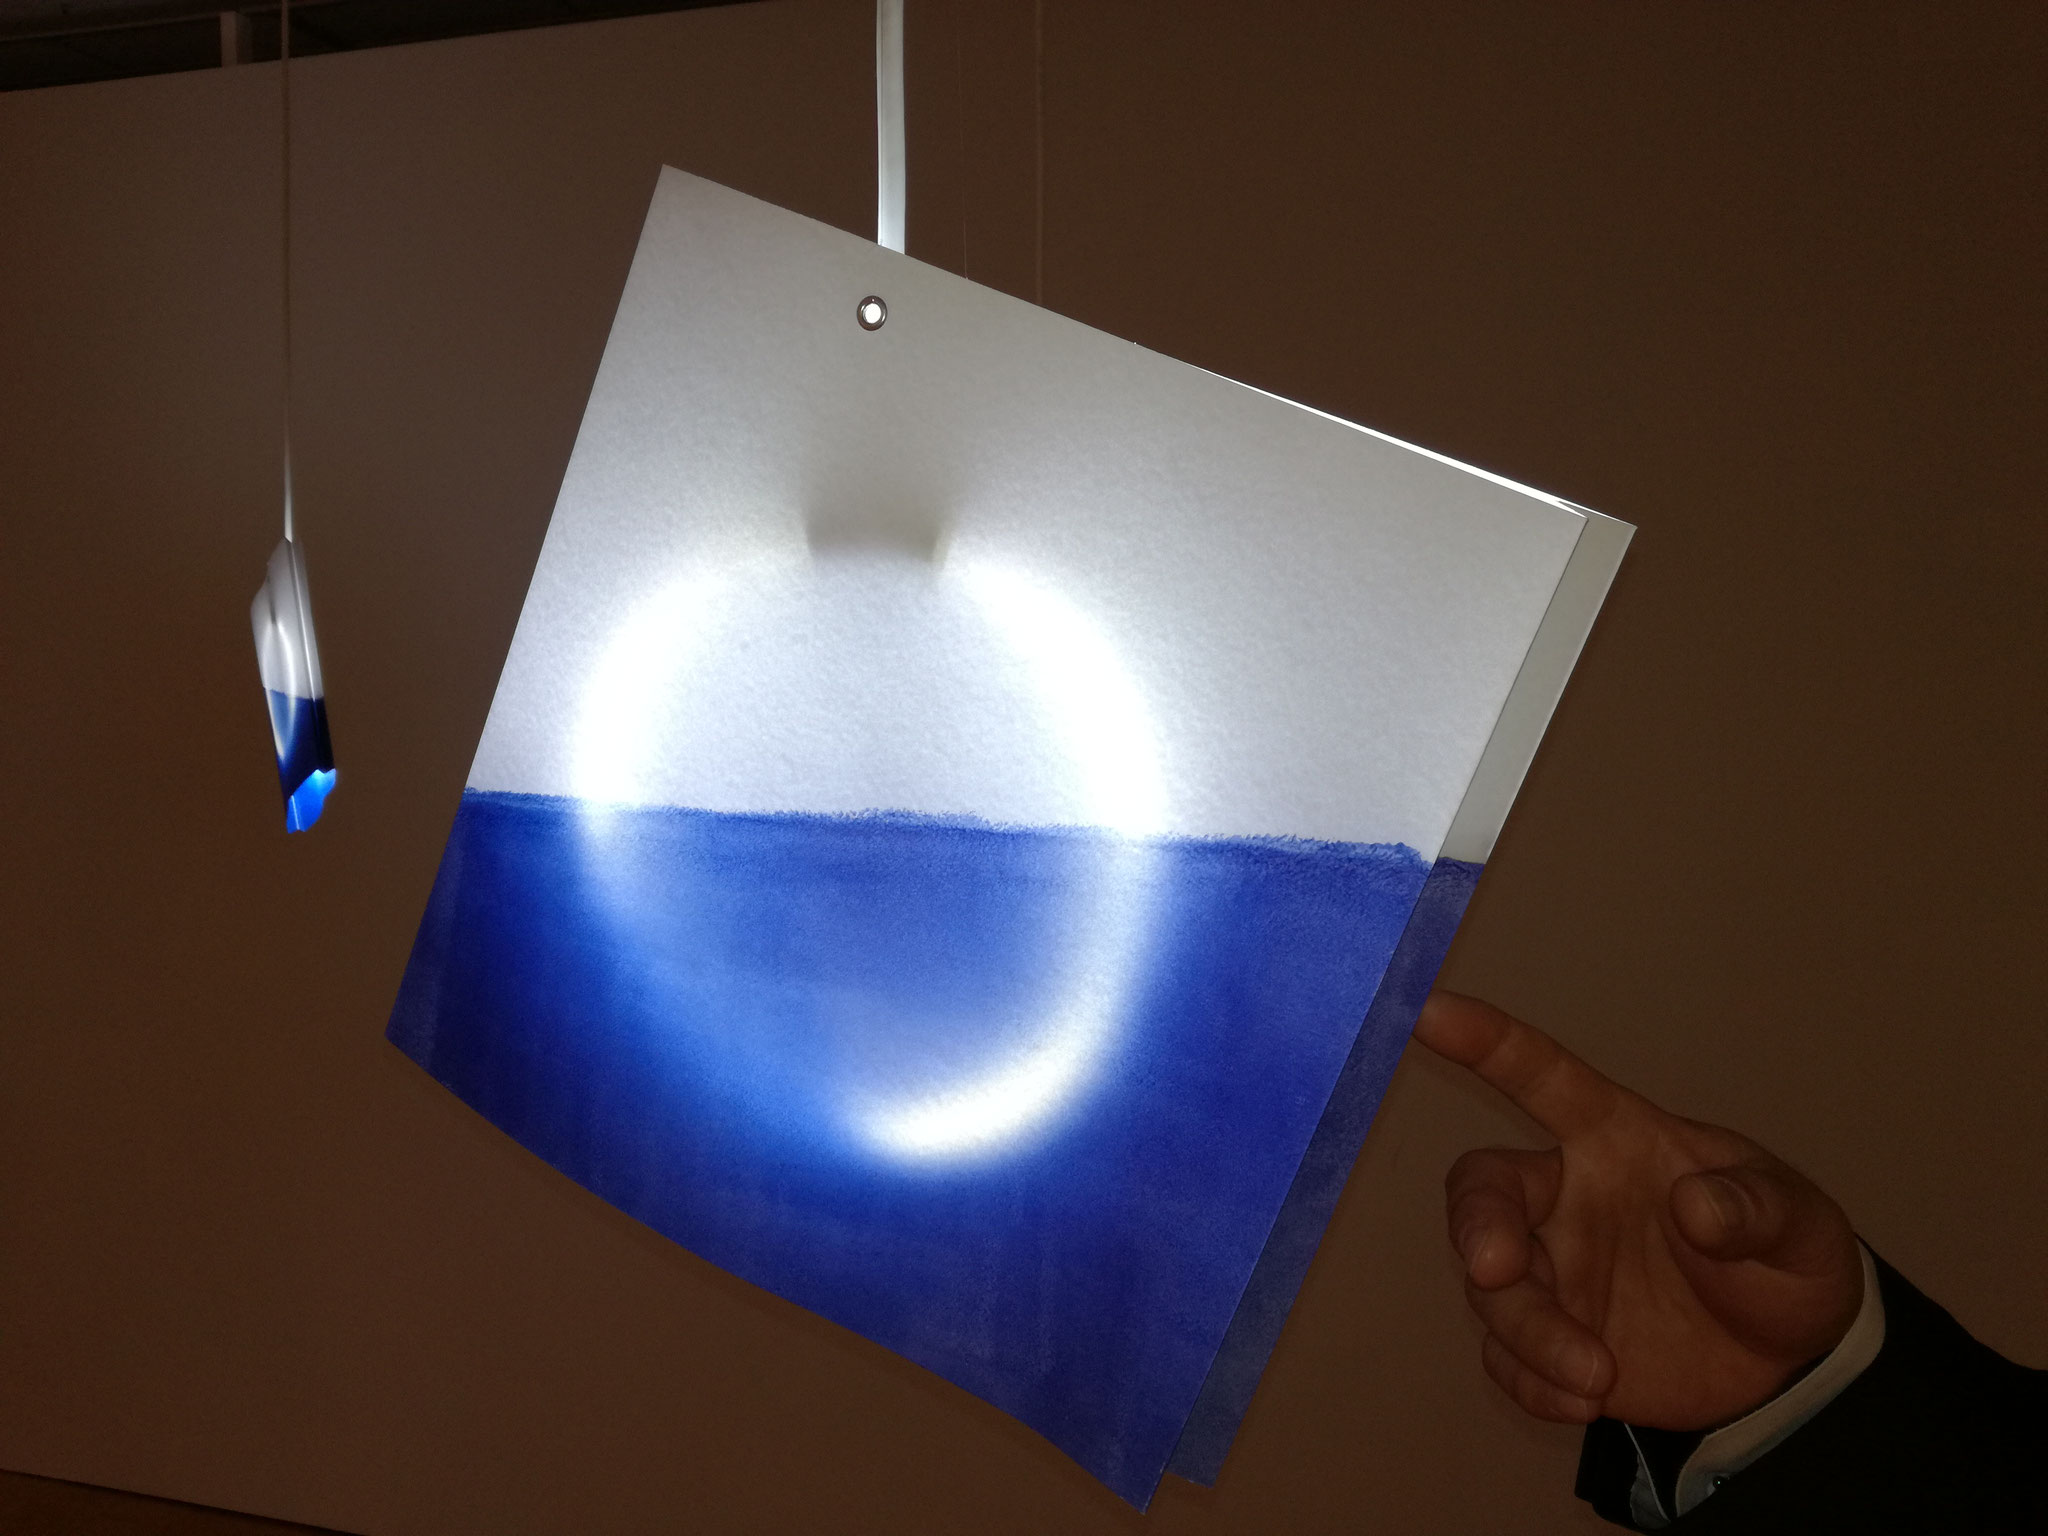 KTカラーを使用した照明